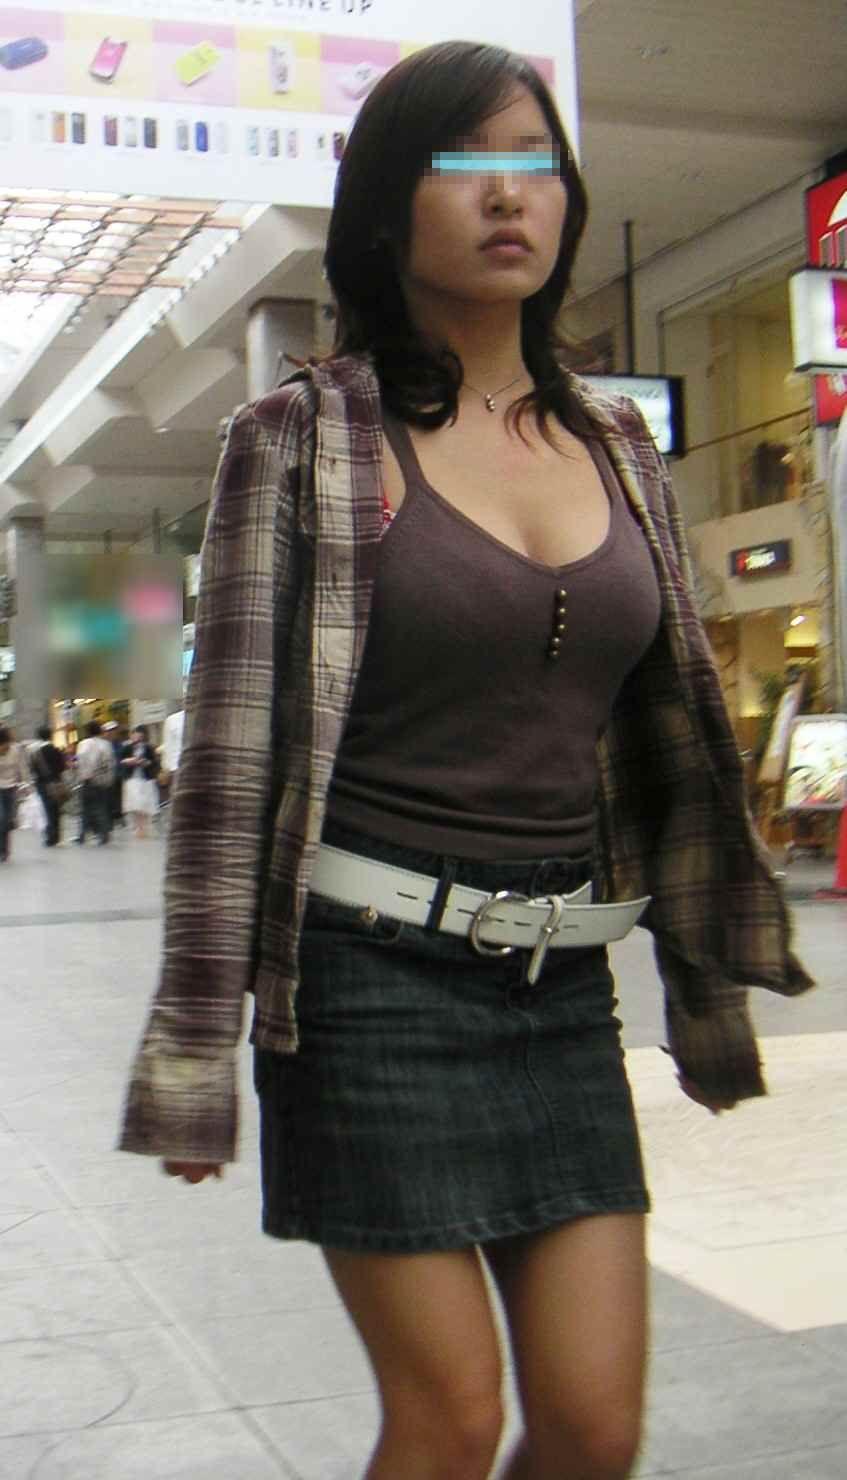 三次元 3次元 エロ画像 谷間 街撮り 素人 べっぴん娘通信 29